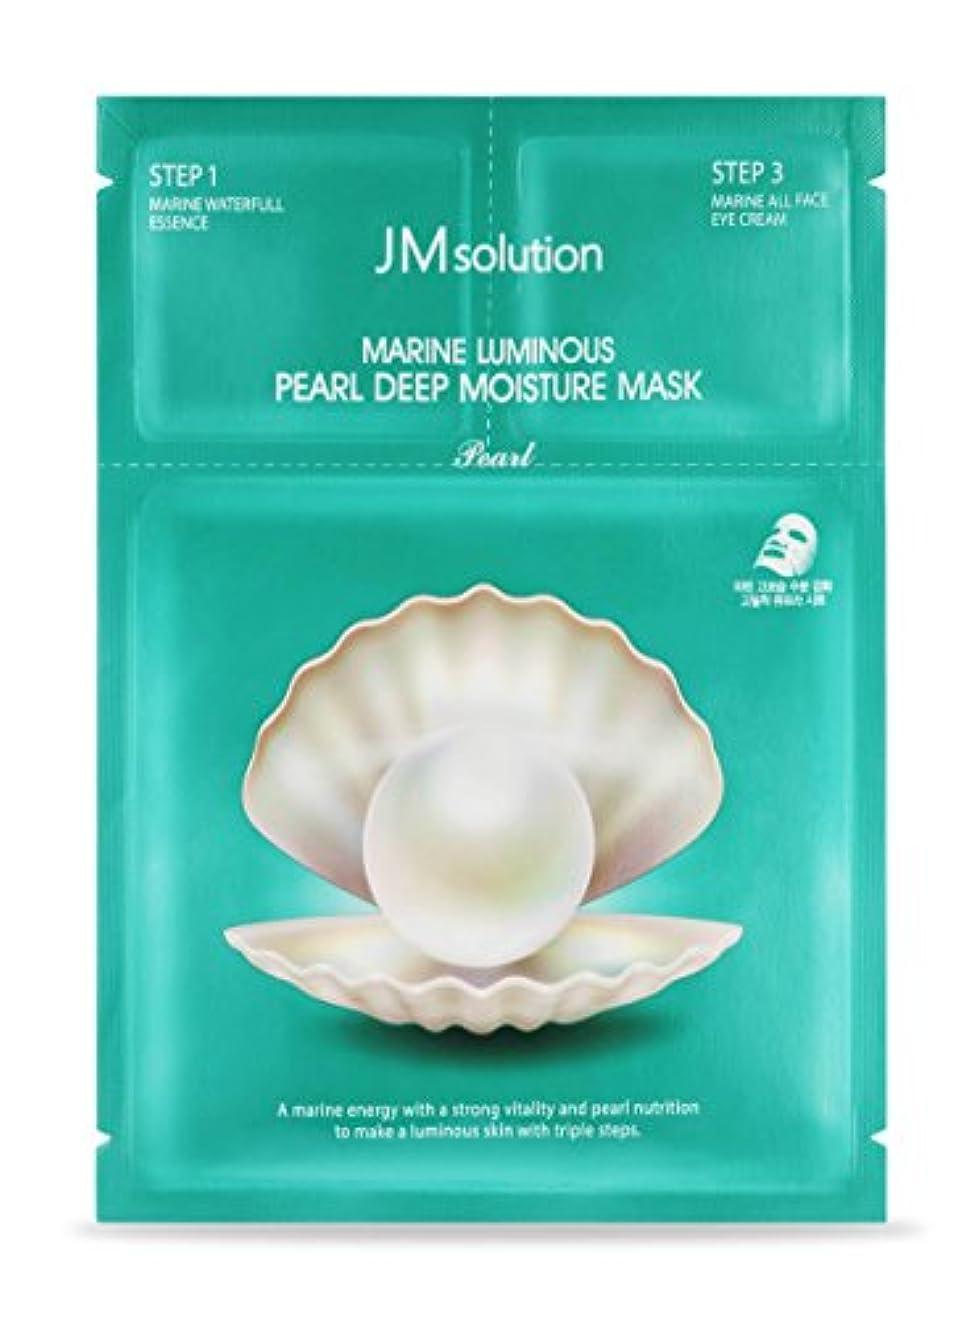 最高好き非常に怒っていますJMsolution(JMソルーション) マリンルミナスパールディープモイスチャマスク10枚セット